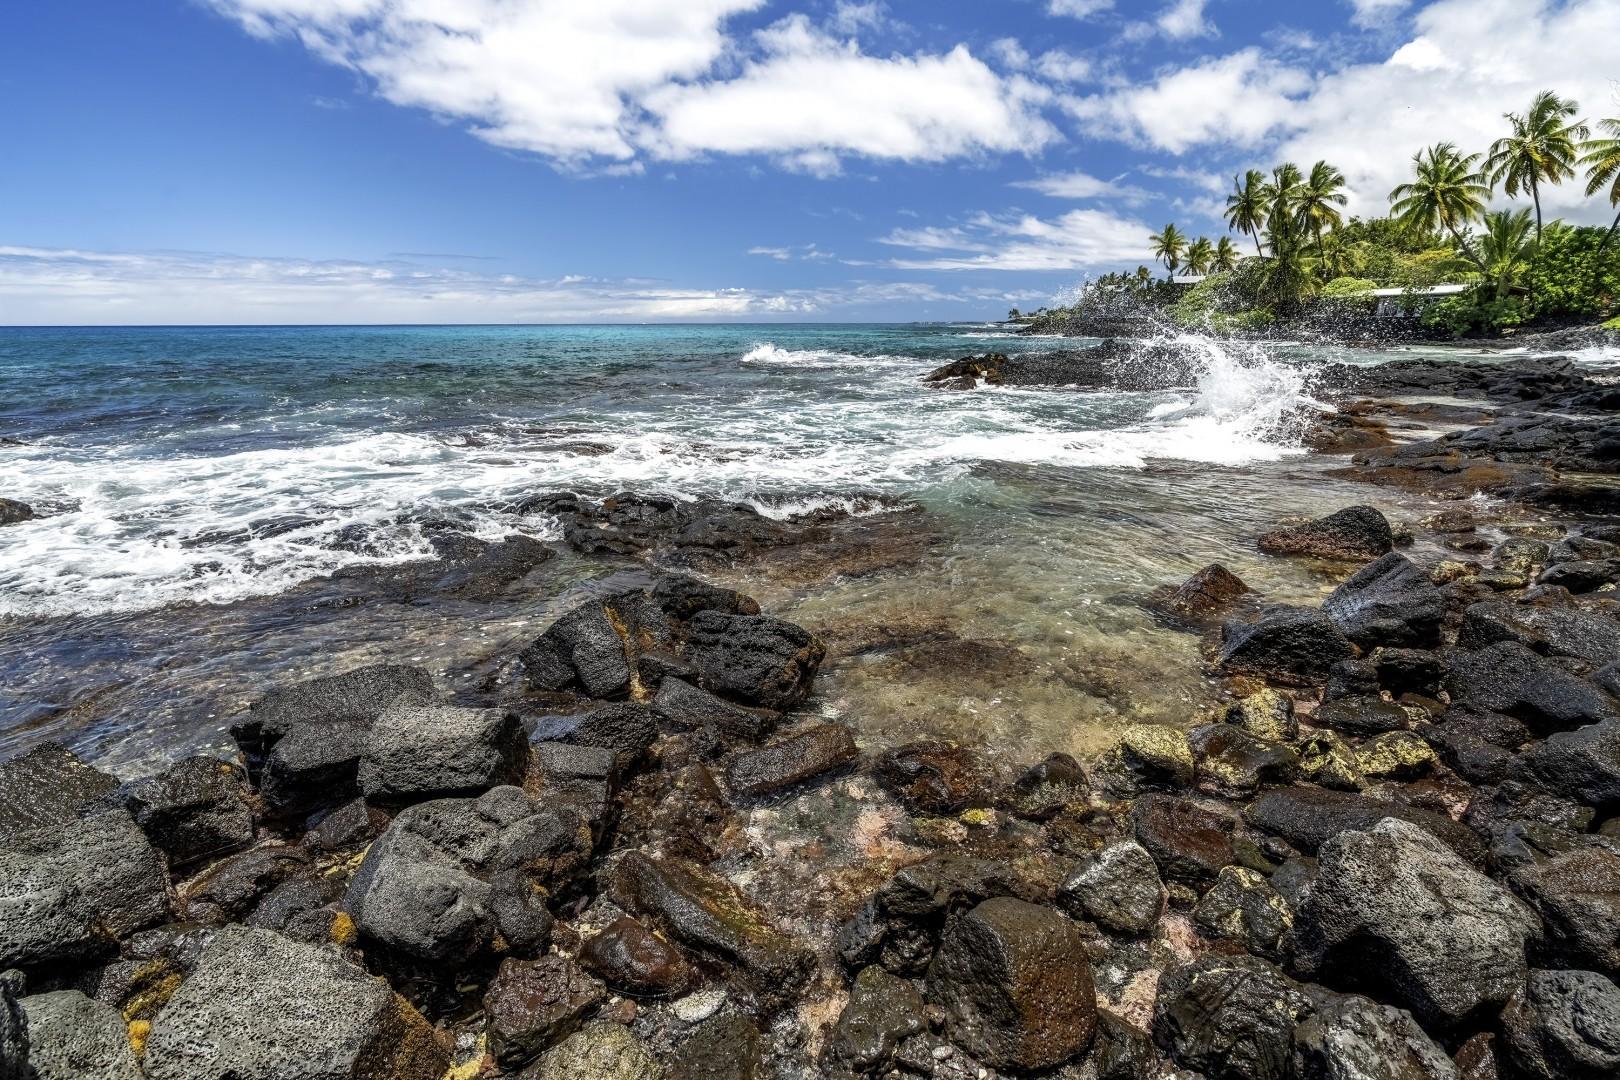 Lymans Bay shoreline access